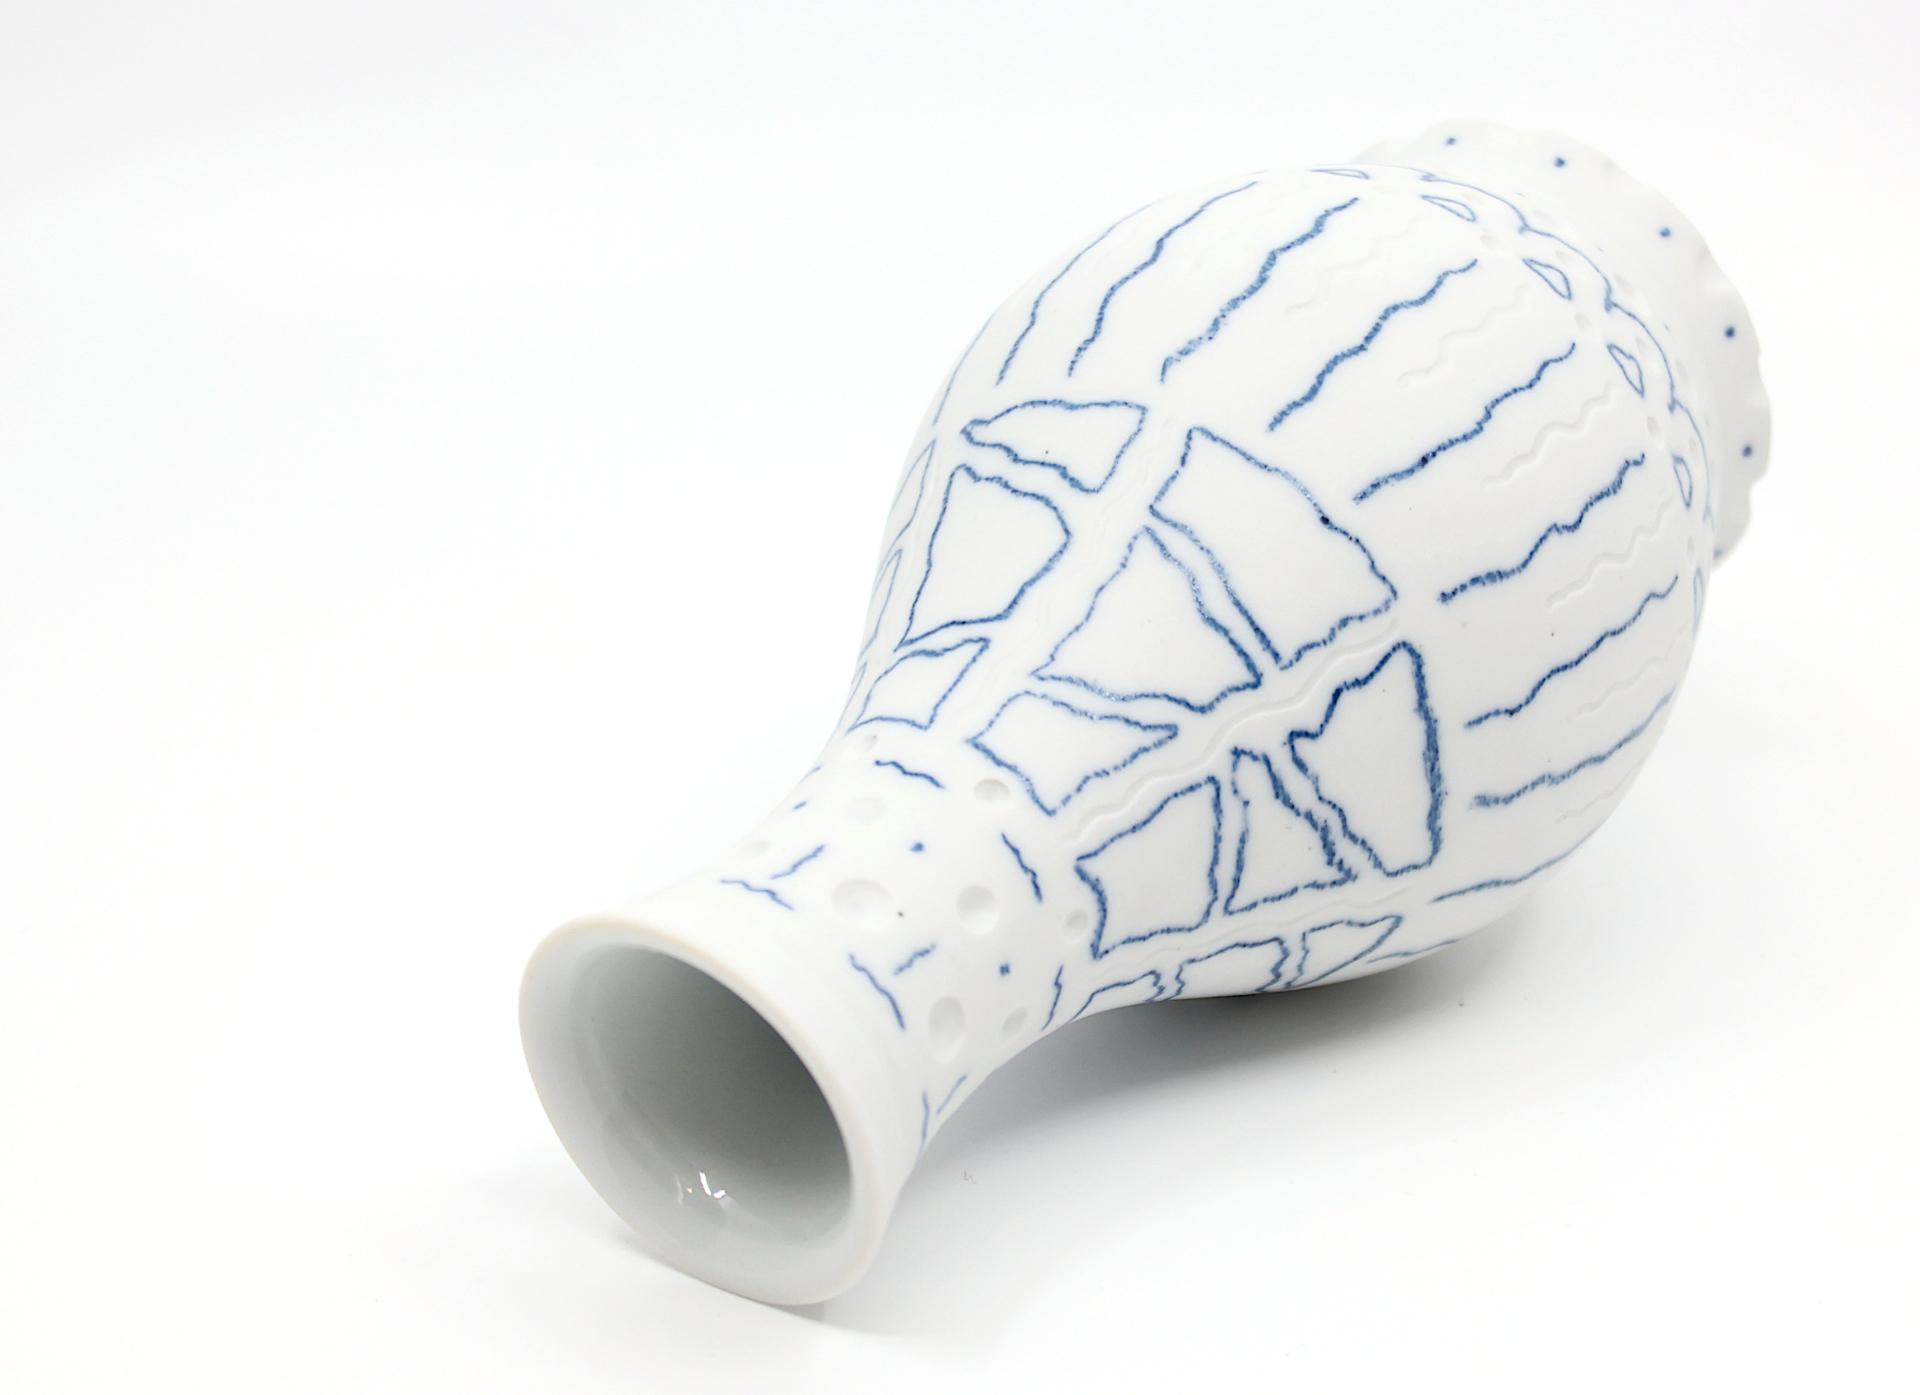 White Vase by Chris Casey